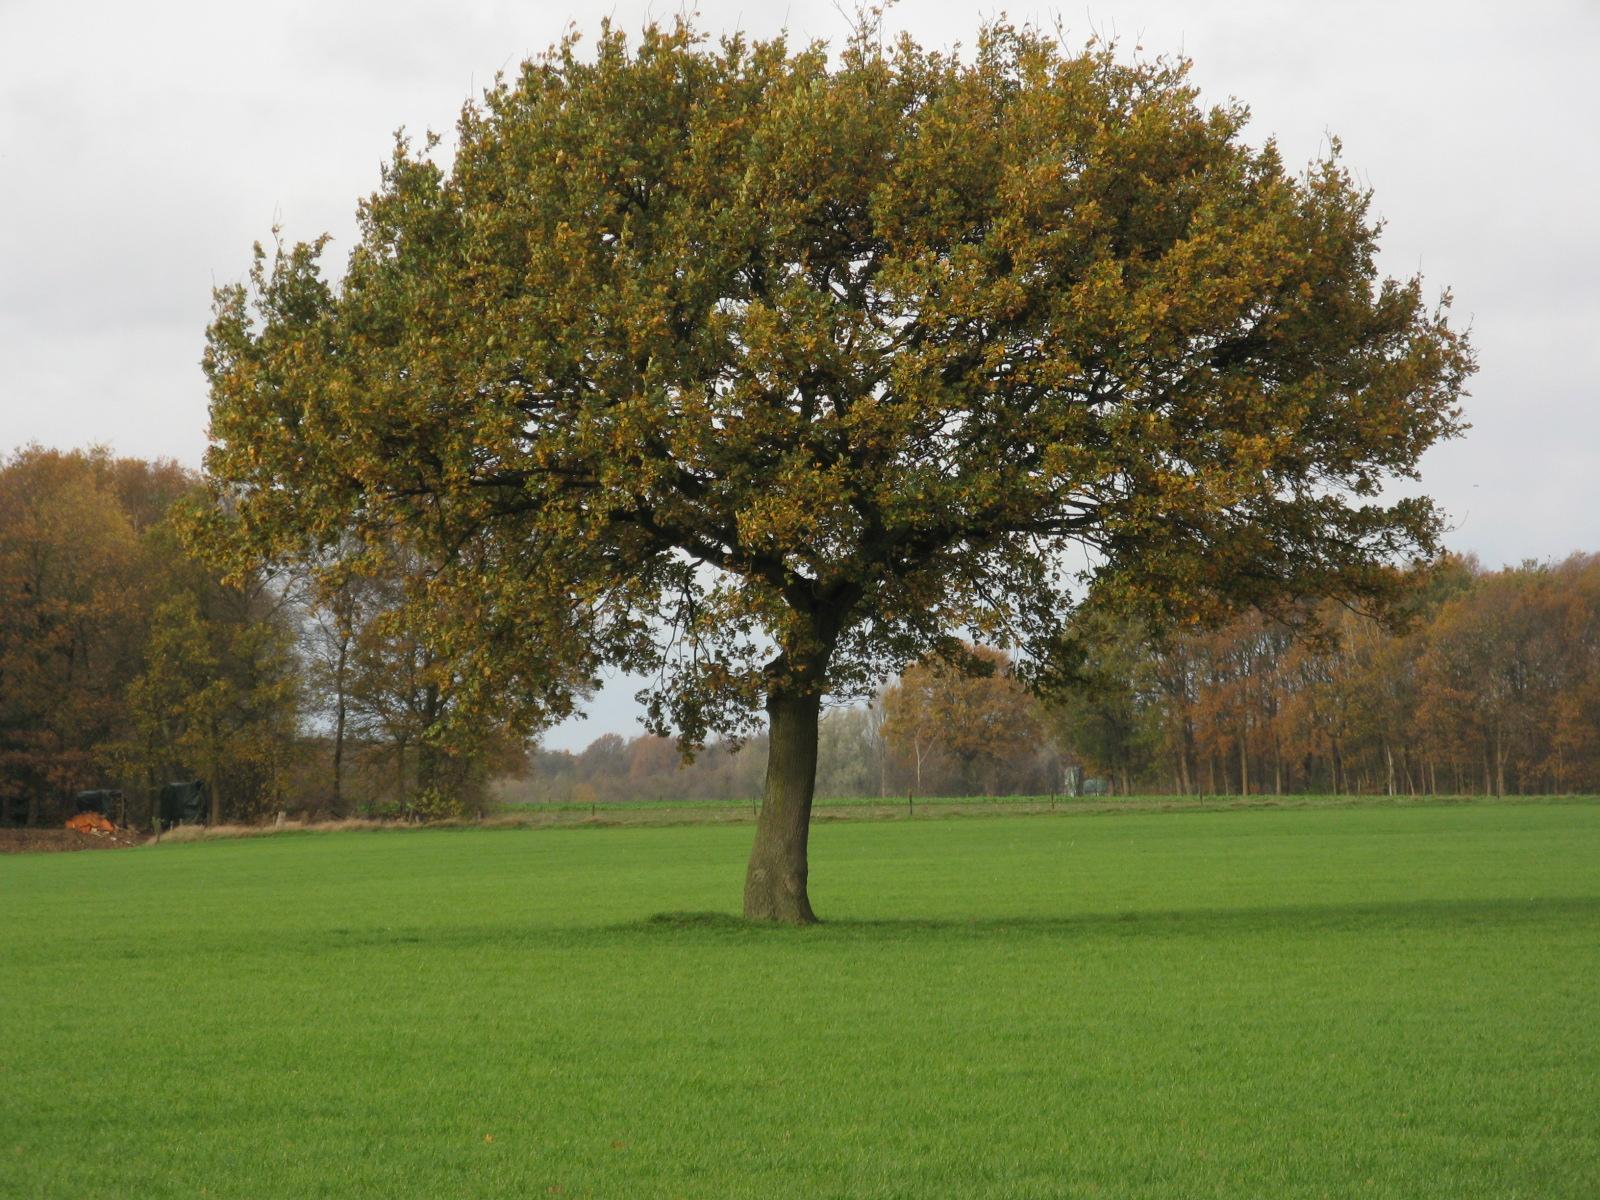 """מחבקת העצים: """"ההנאה הכי גדולה שלה היא להיות קרובה לעצים ולחקלאים"""""""